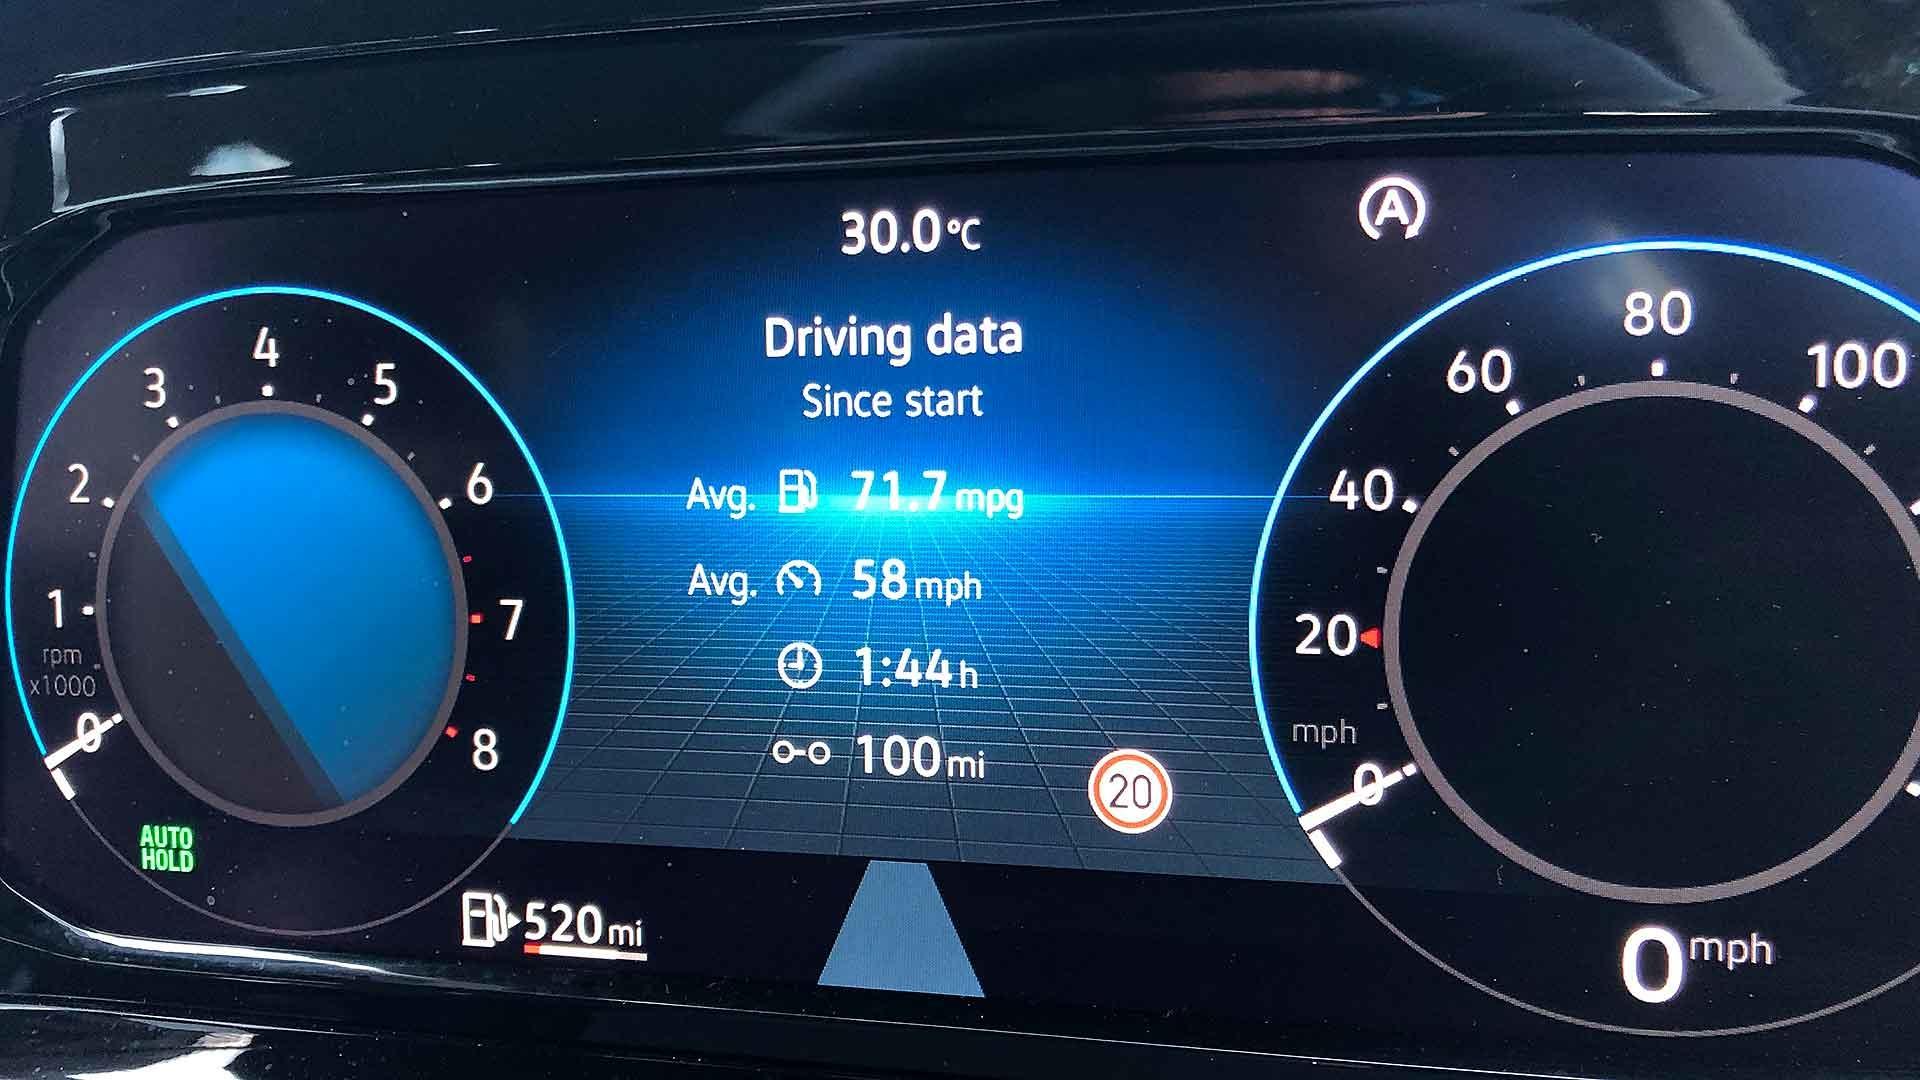 Volkswagen Golf Life 1.5 TSI 130 mpg